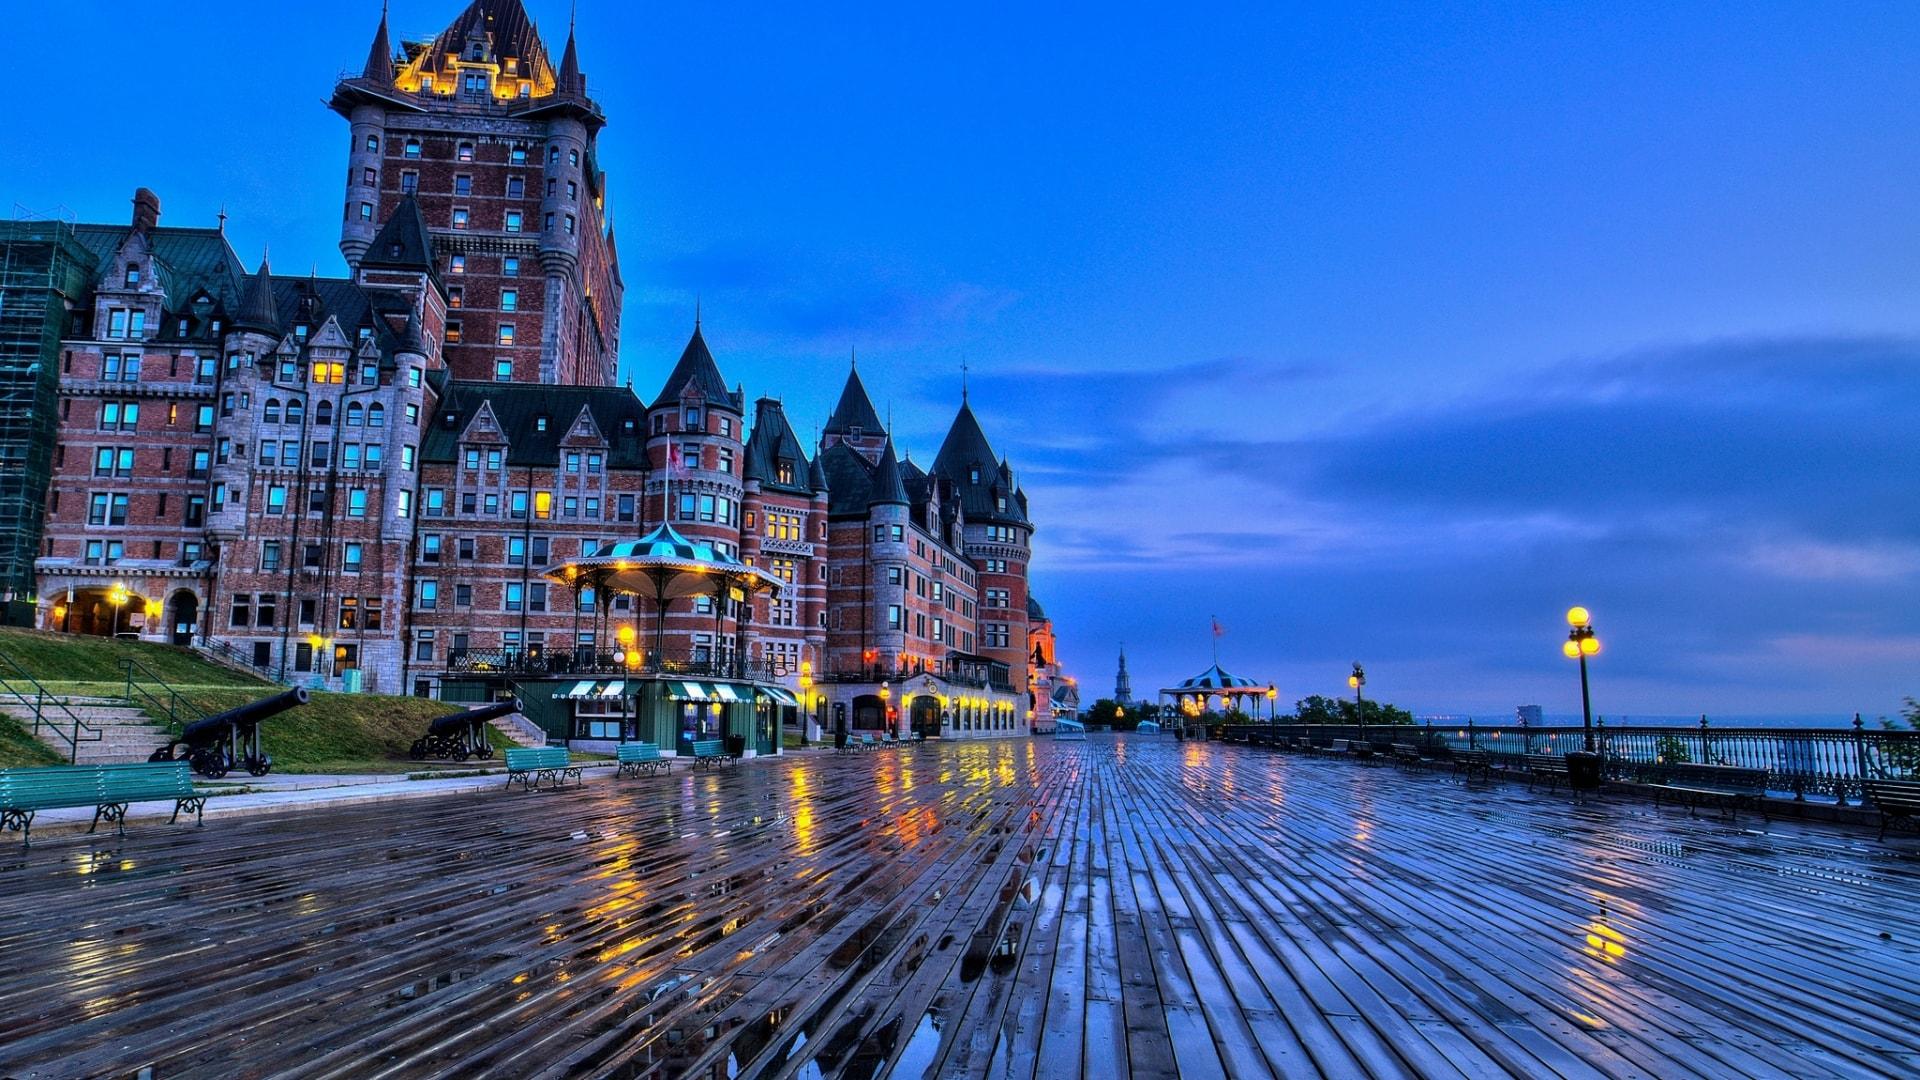 Quebec Pictures